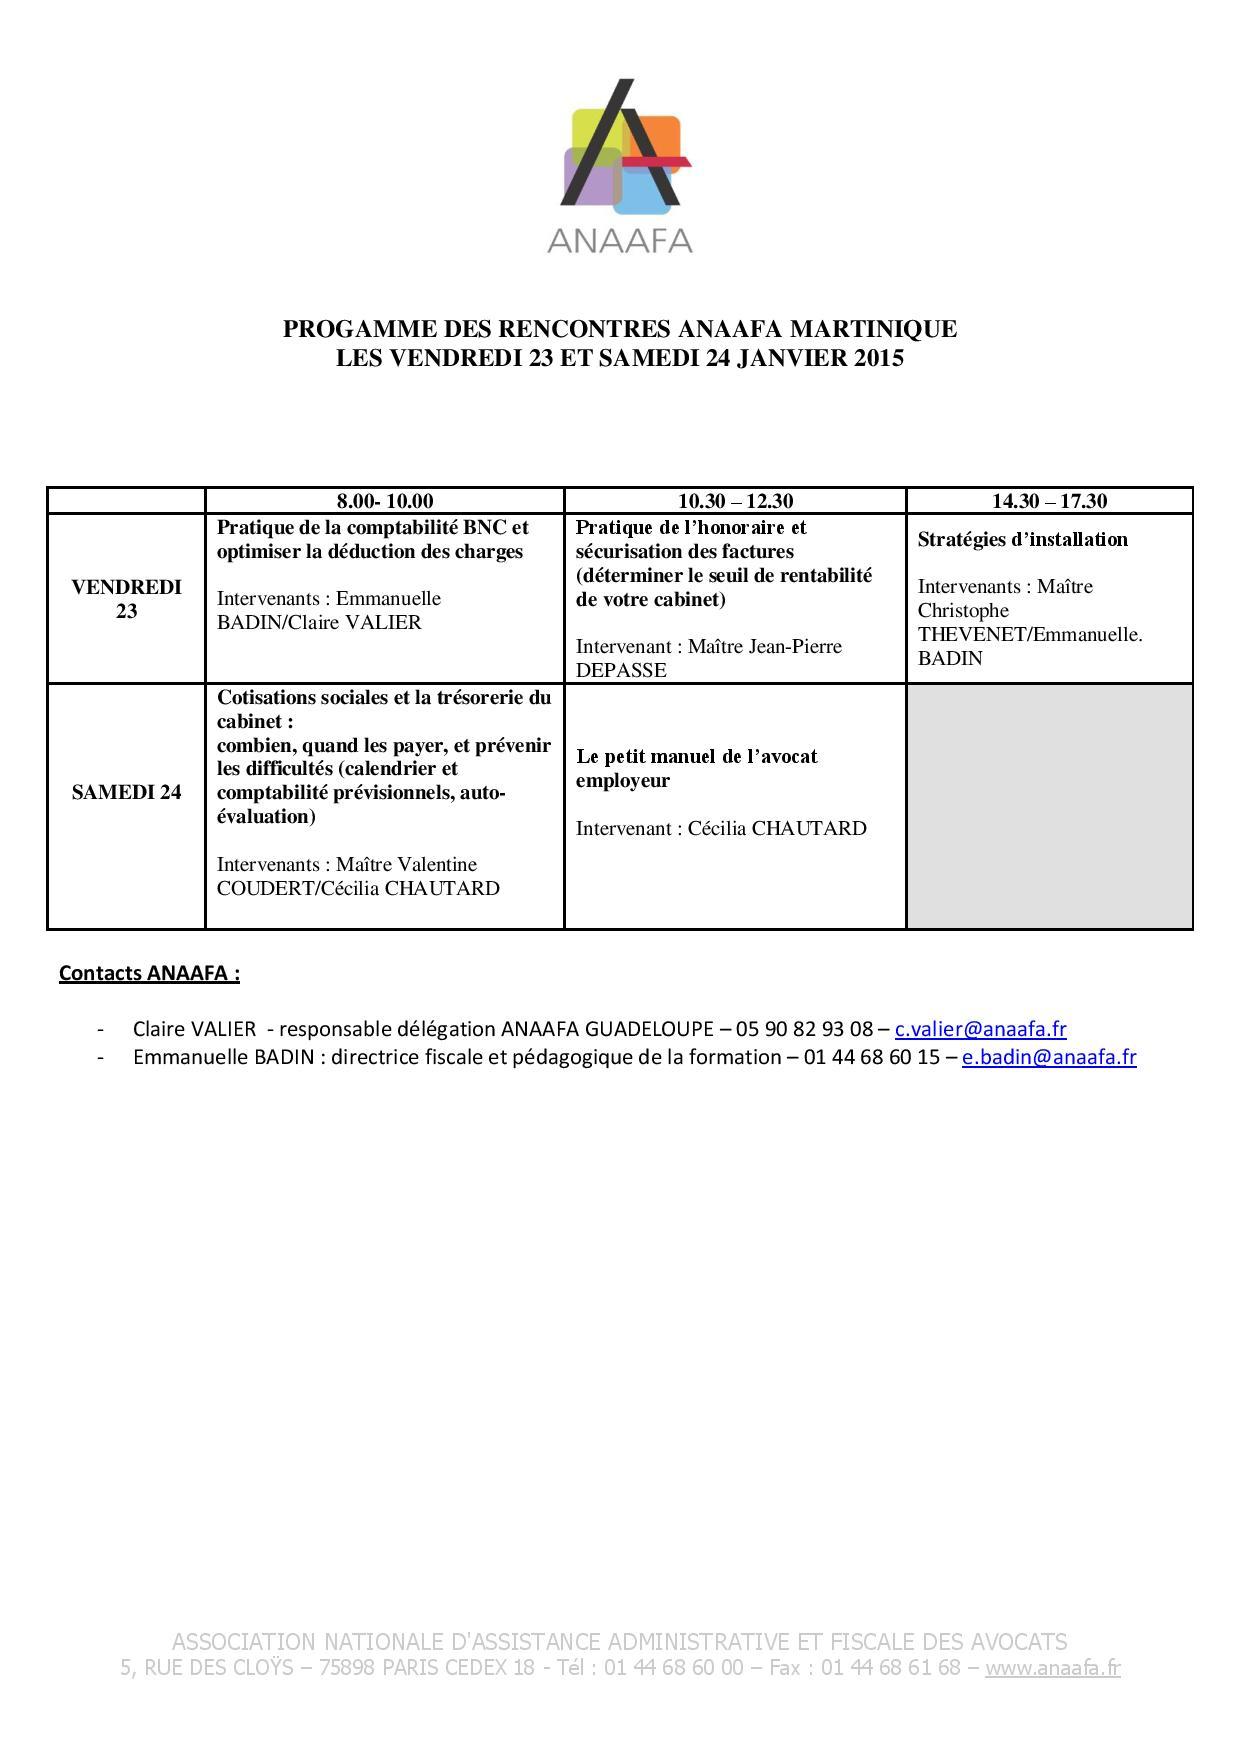 MARTINIQUE- Formation de l'ANAAFA sur la gestion de cabinet